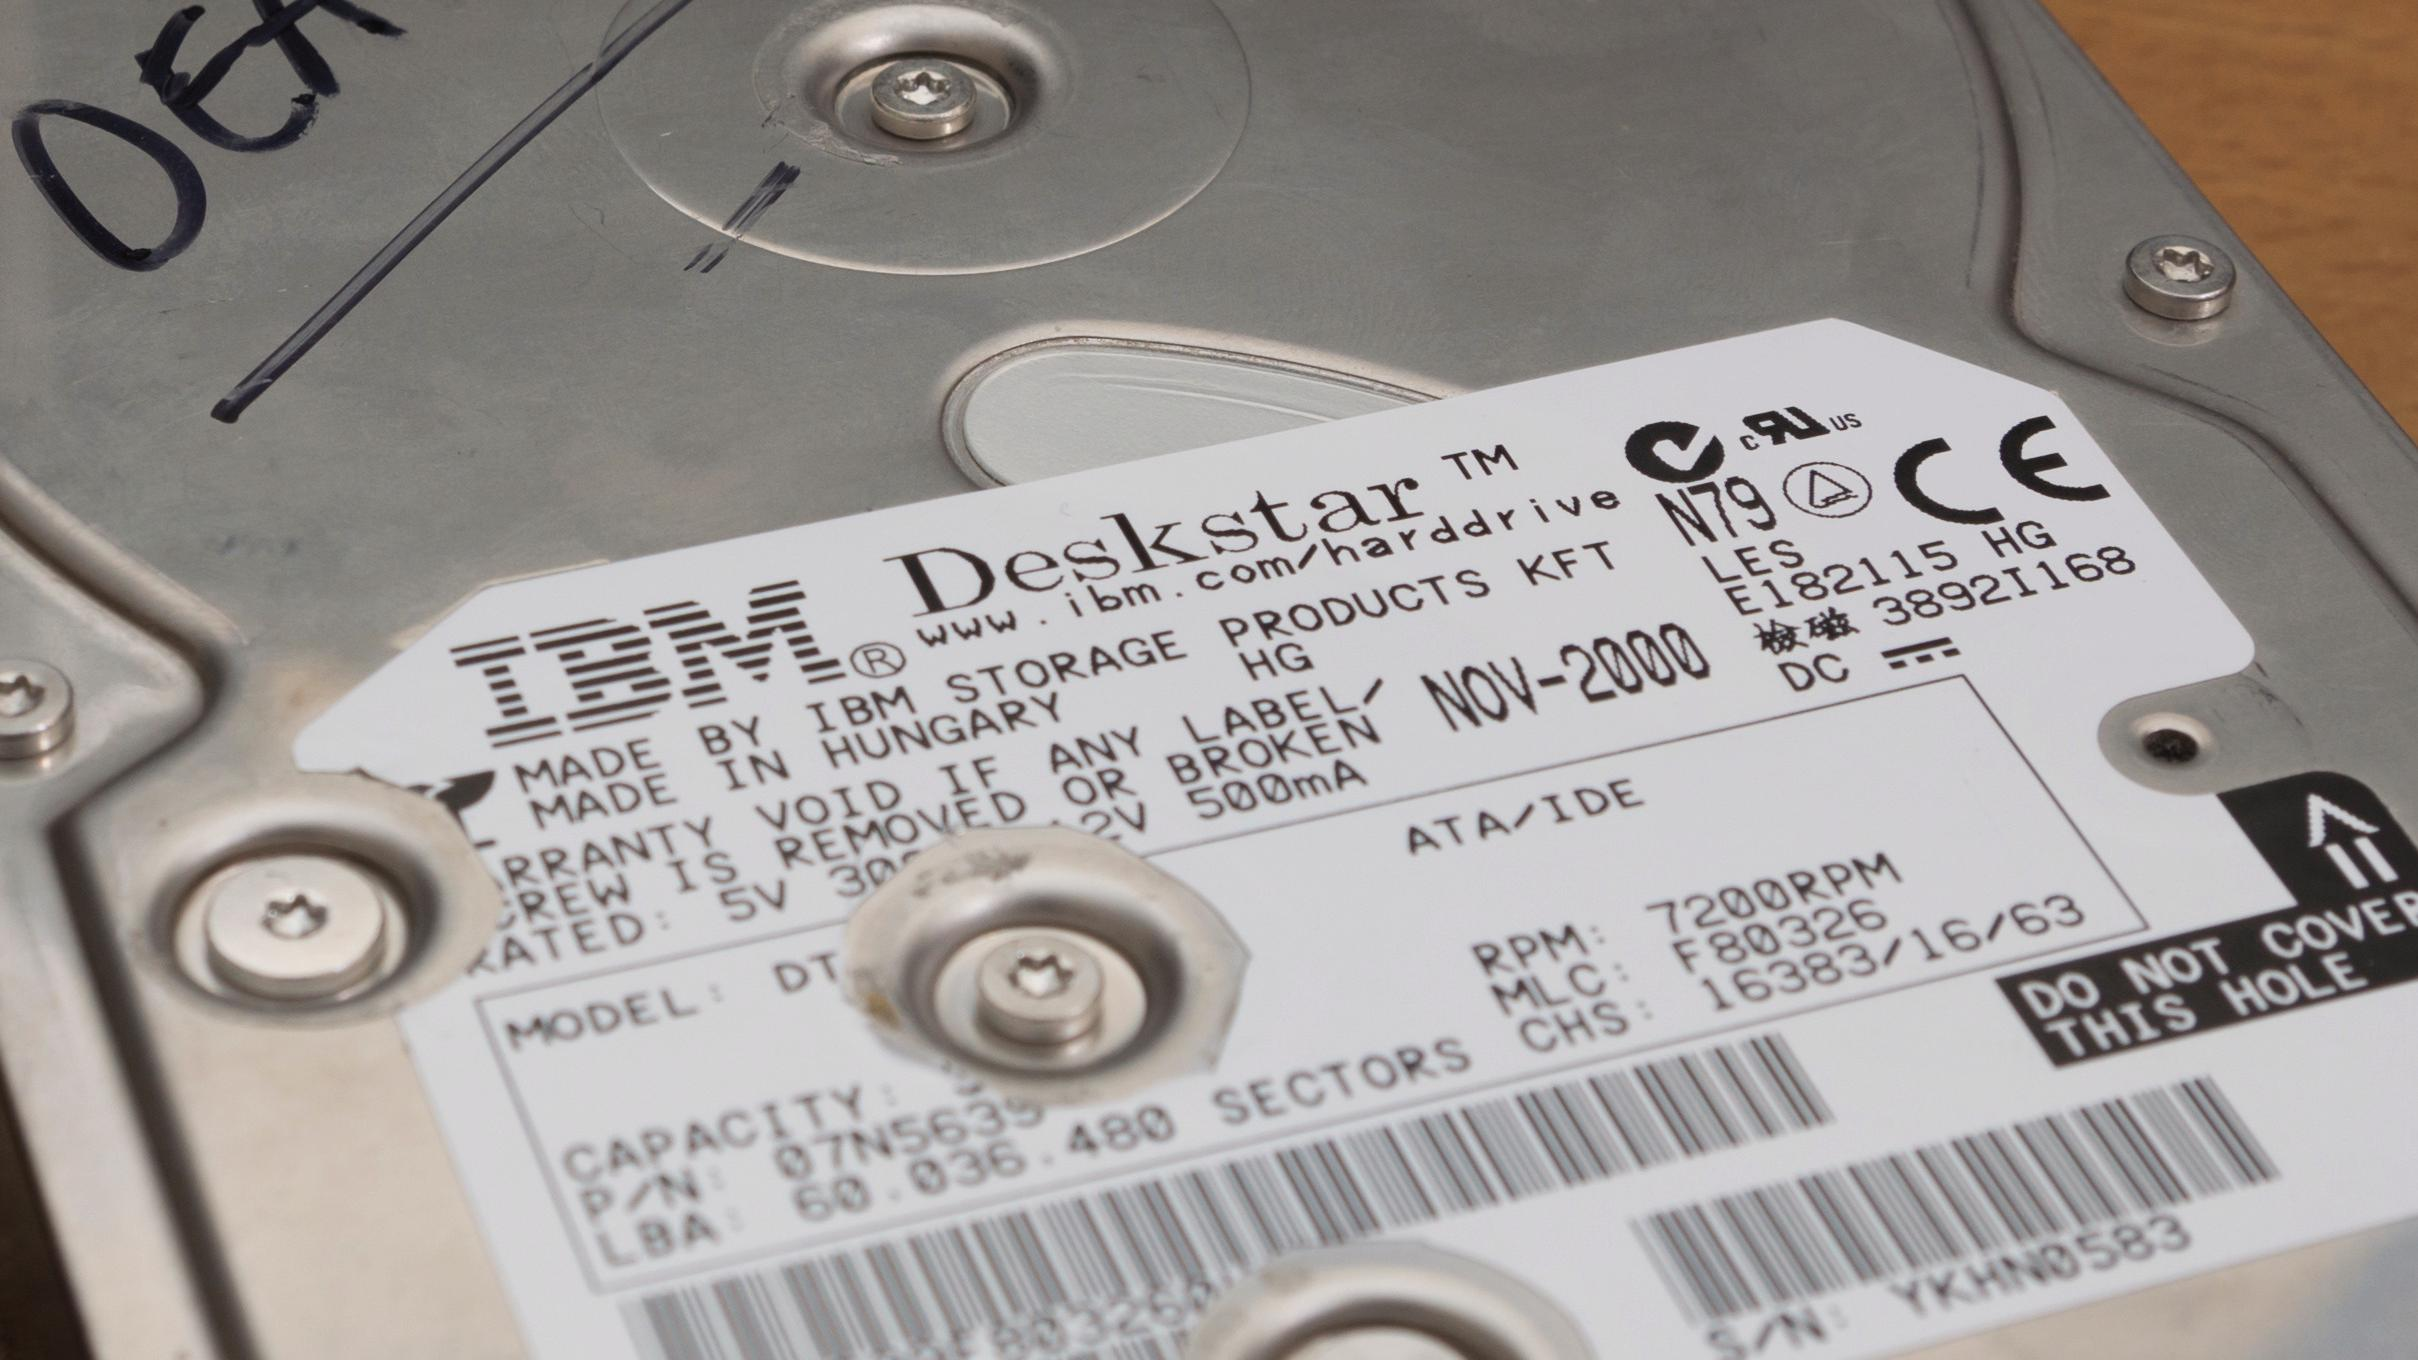 Dødsdisken som lagde skikkelig hodepine for IBM